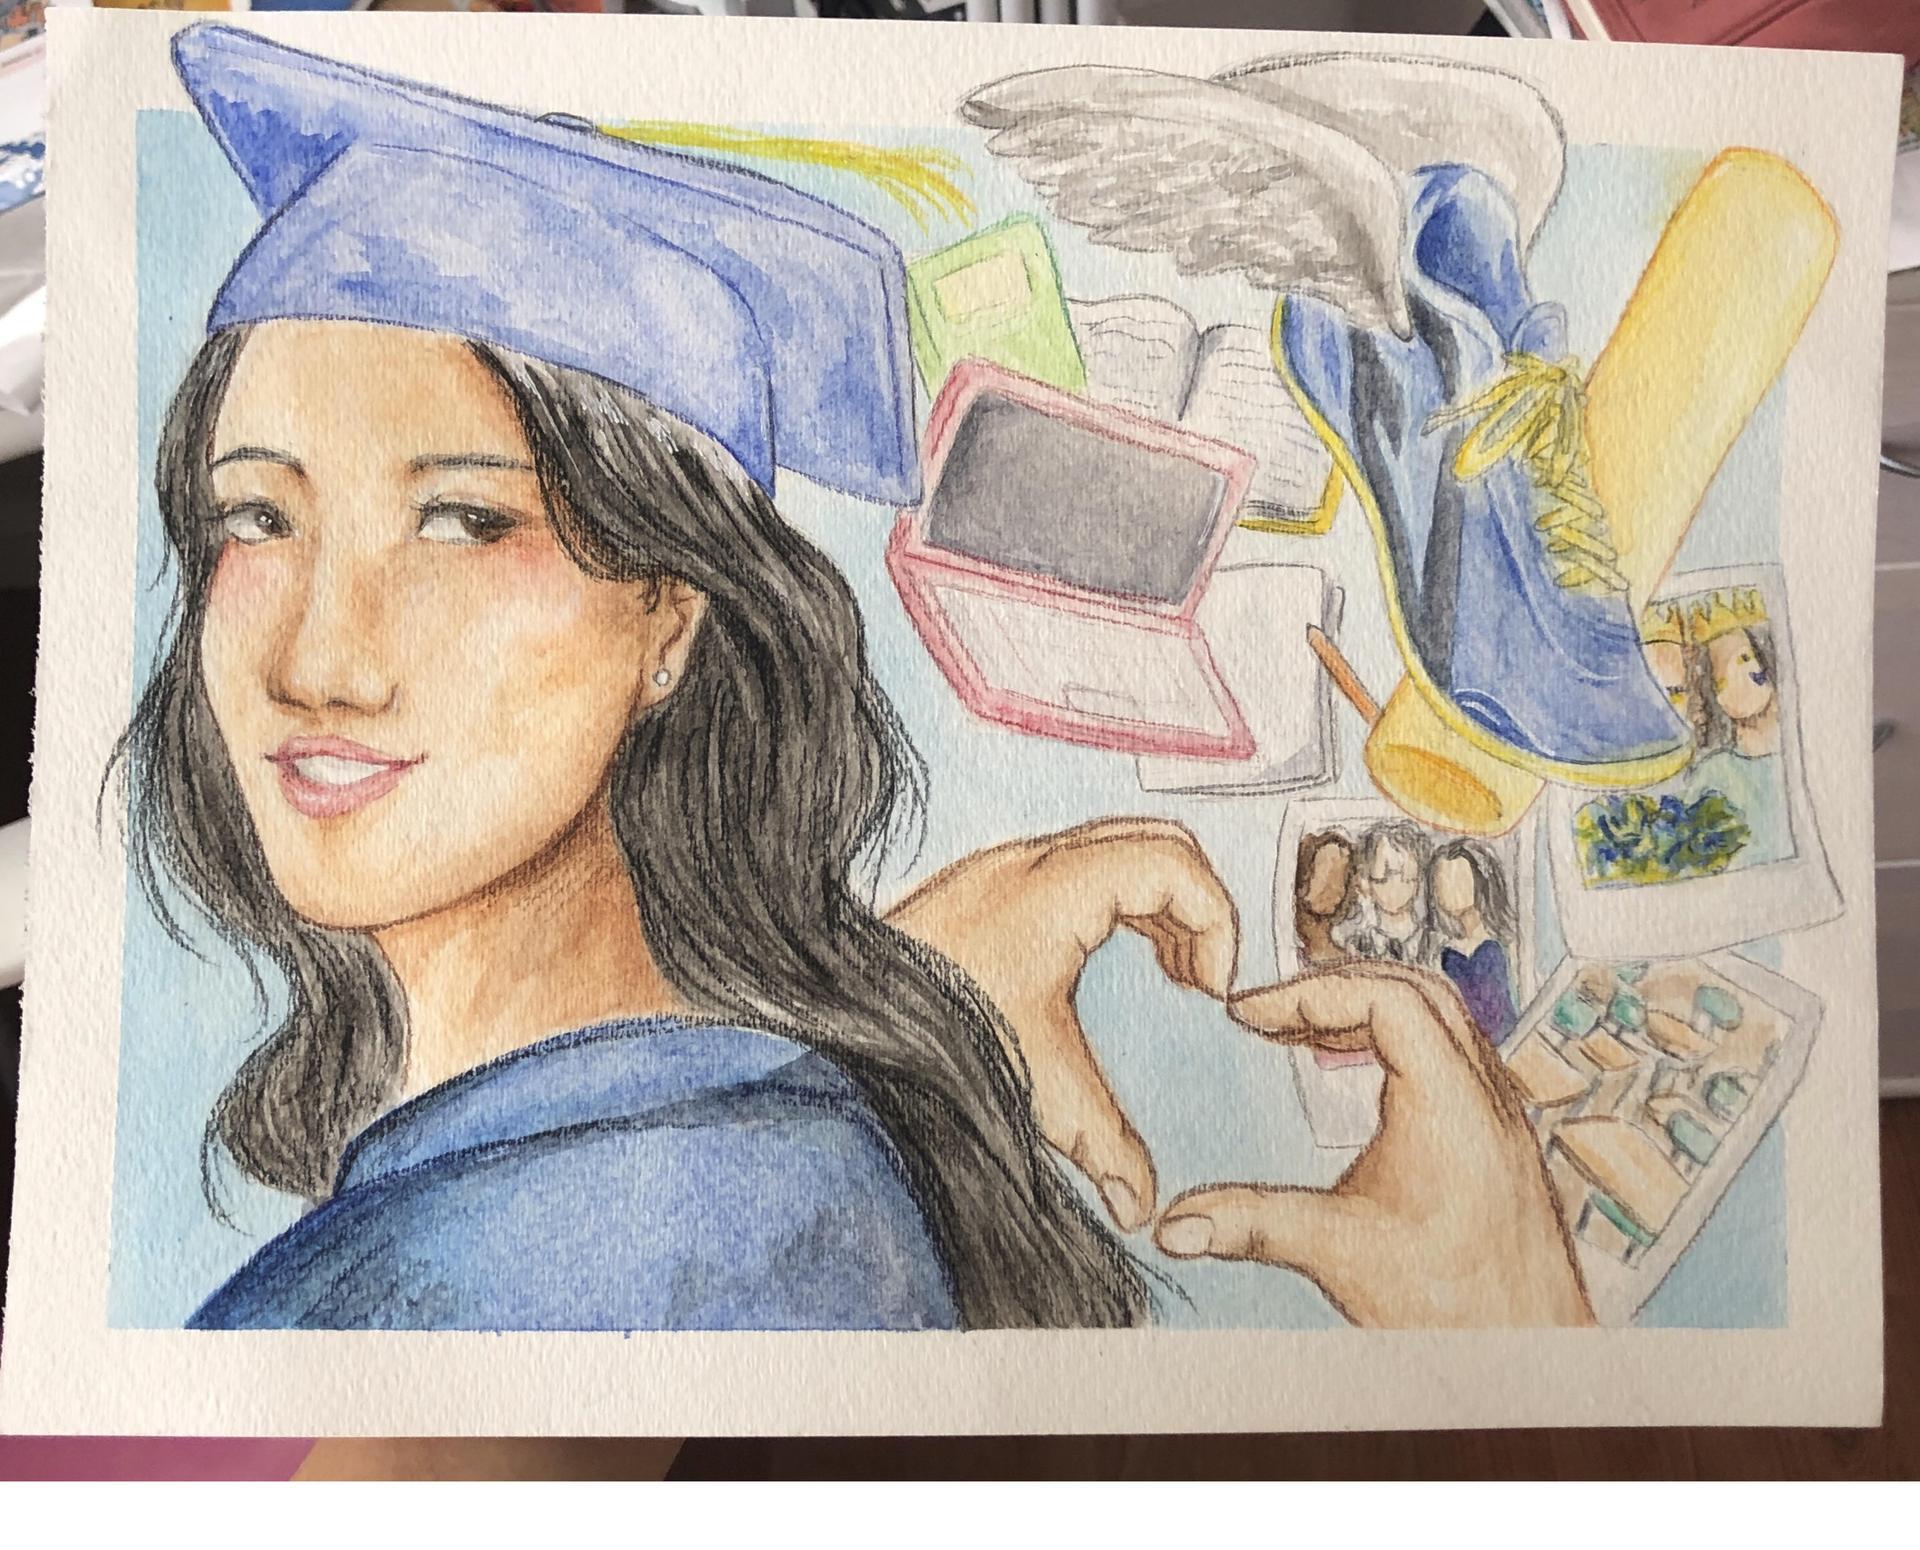 Artwork by Nicole Iwamasa